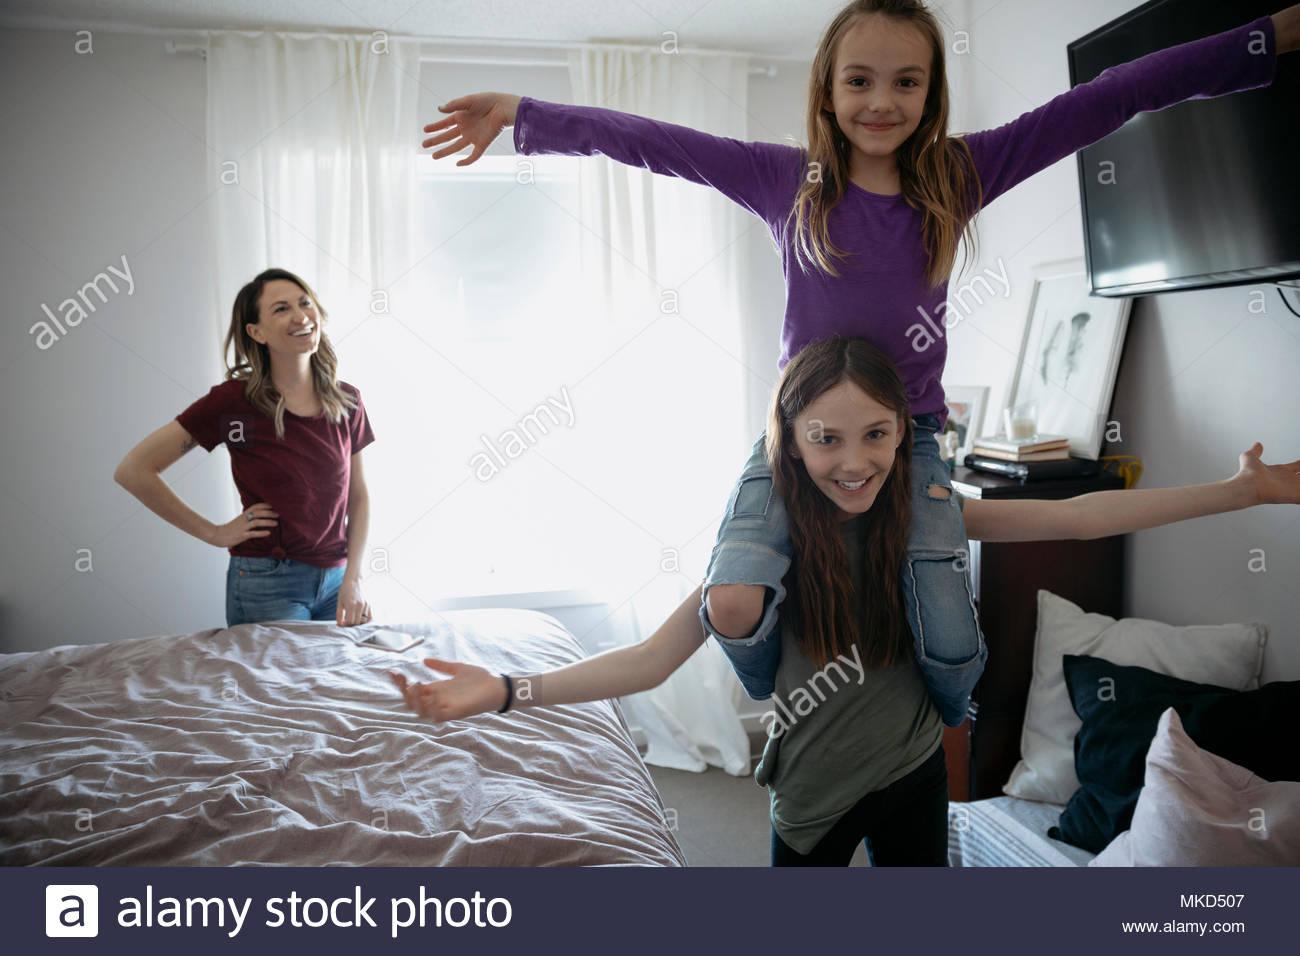 Portrait verspielten Mädchen, die Schwester auf den Schultern im Schlafzimmer Stockbild